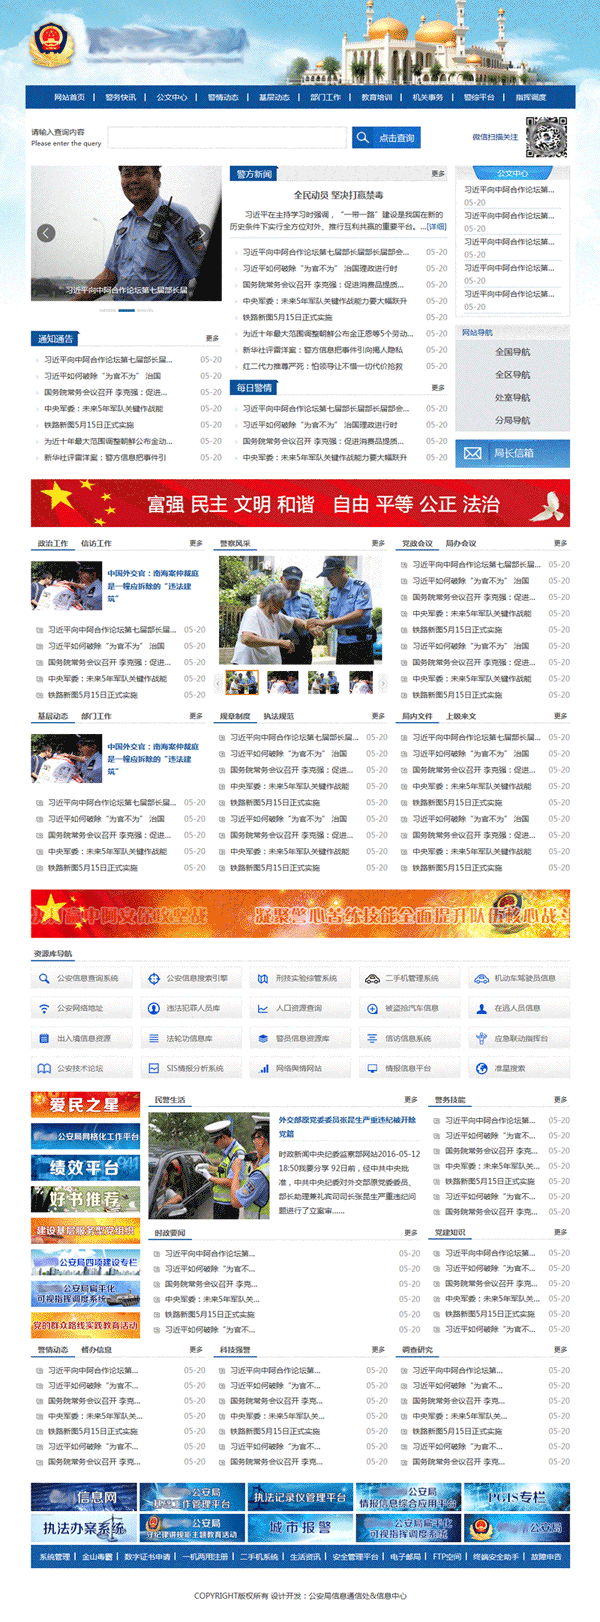 蓝色的政府类门户资讯站点模板html下载.png